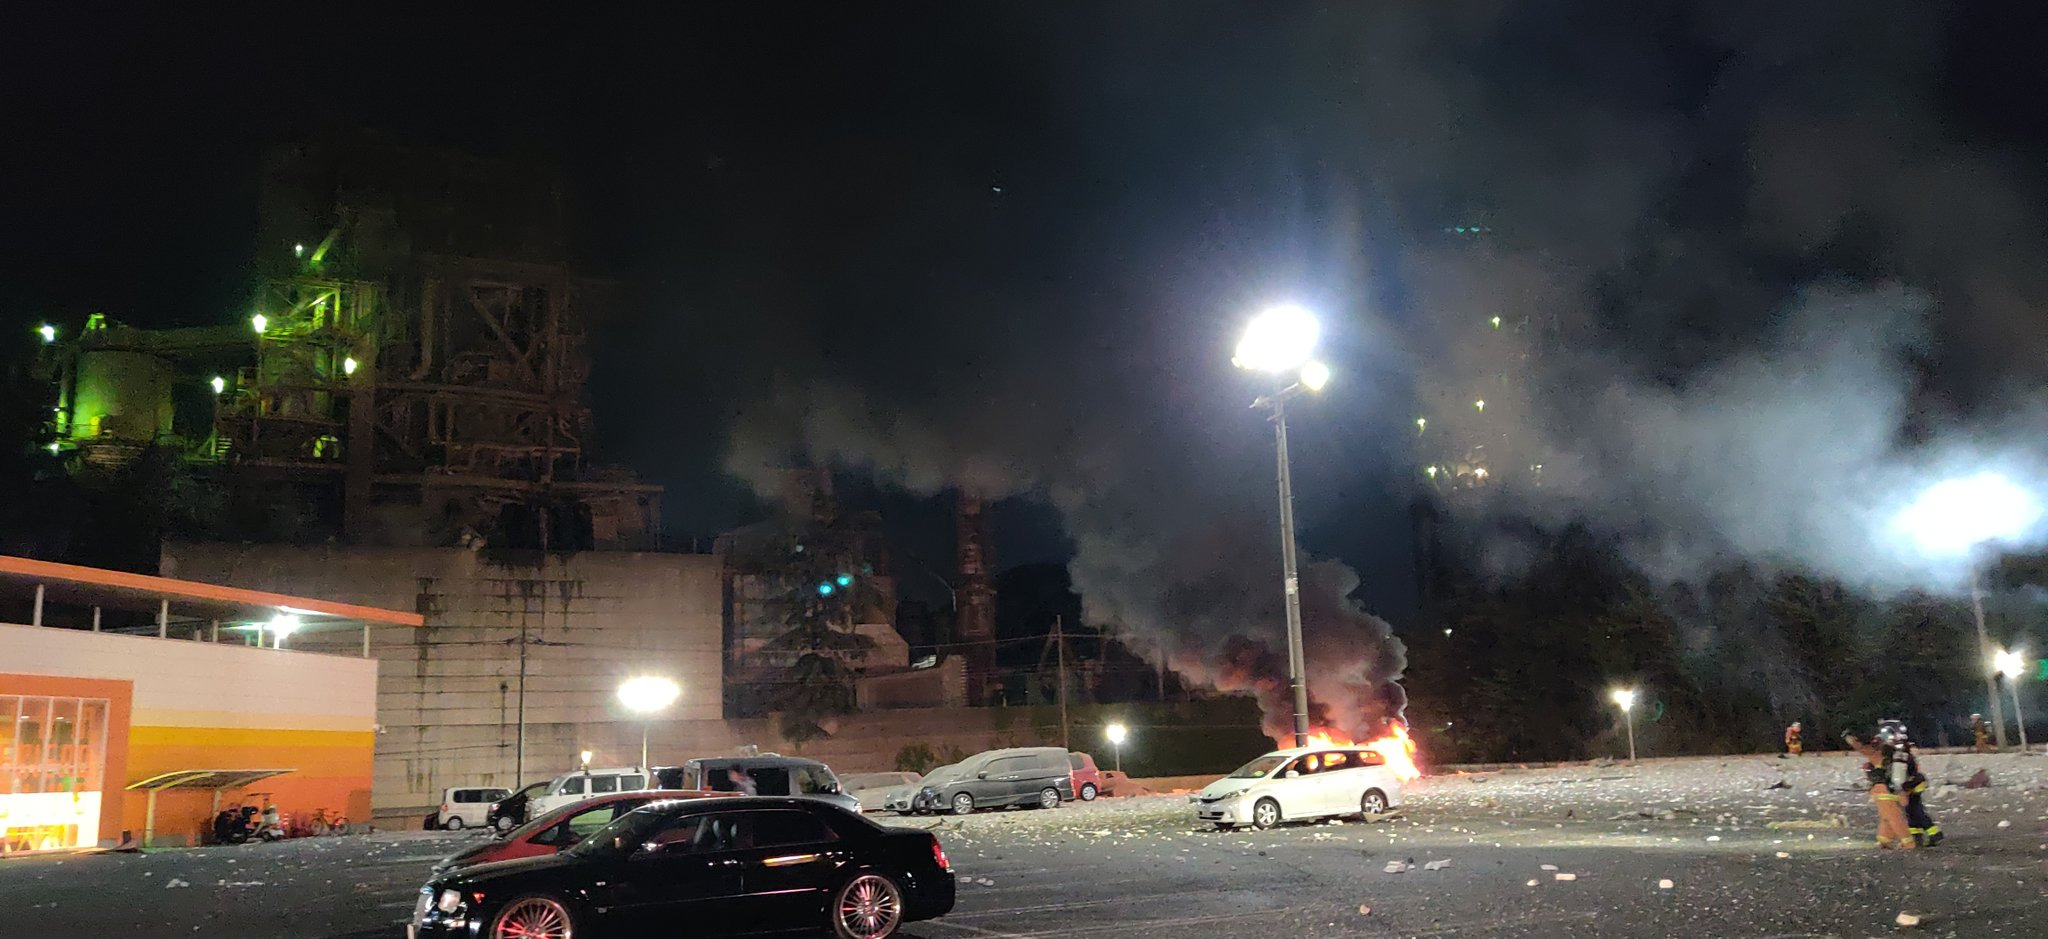 日高市原宿のセメント工場の爆発で車両火災が発生している画像